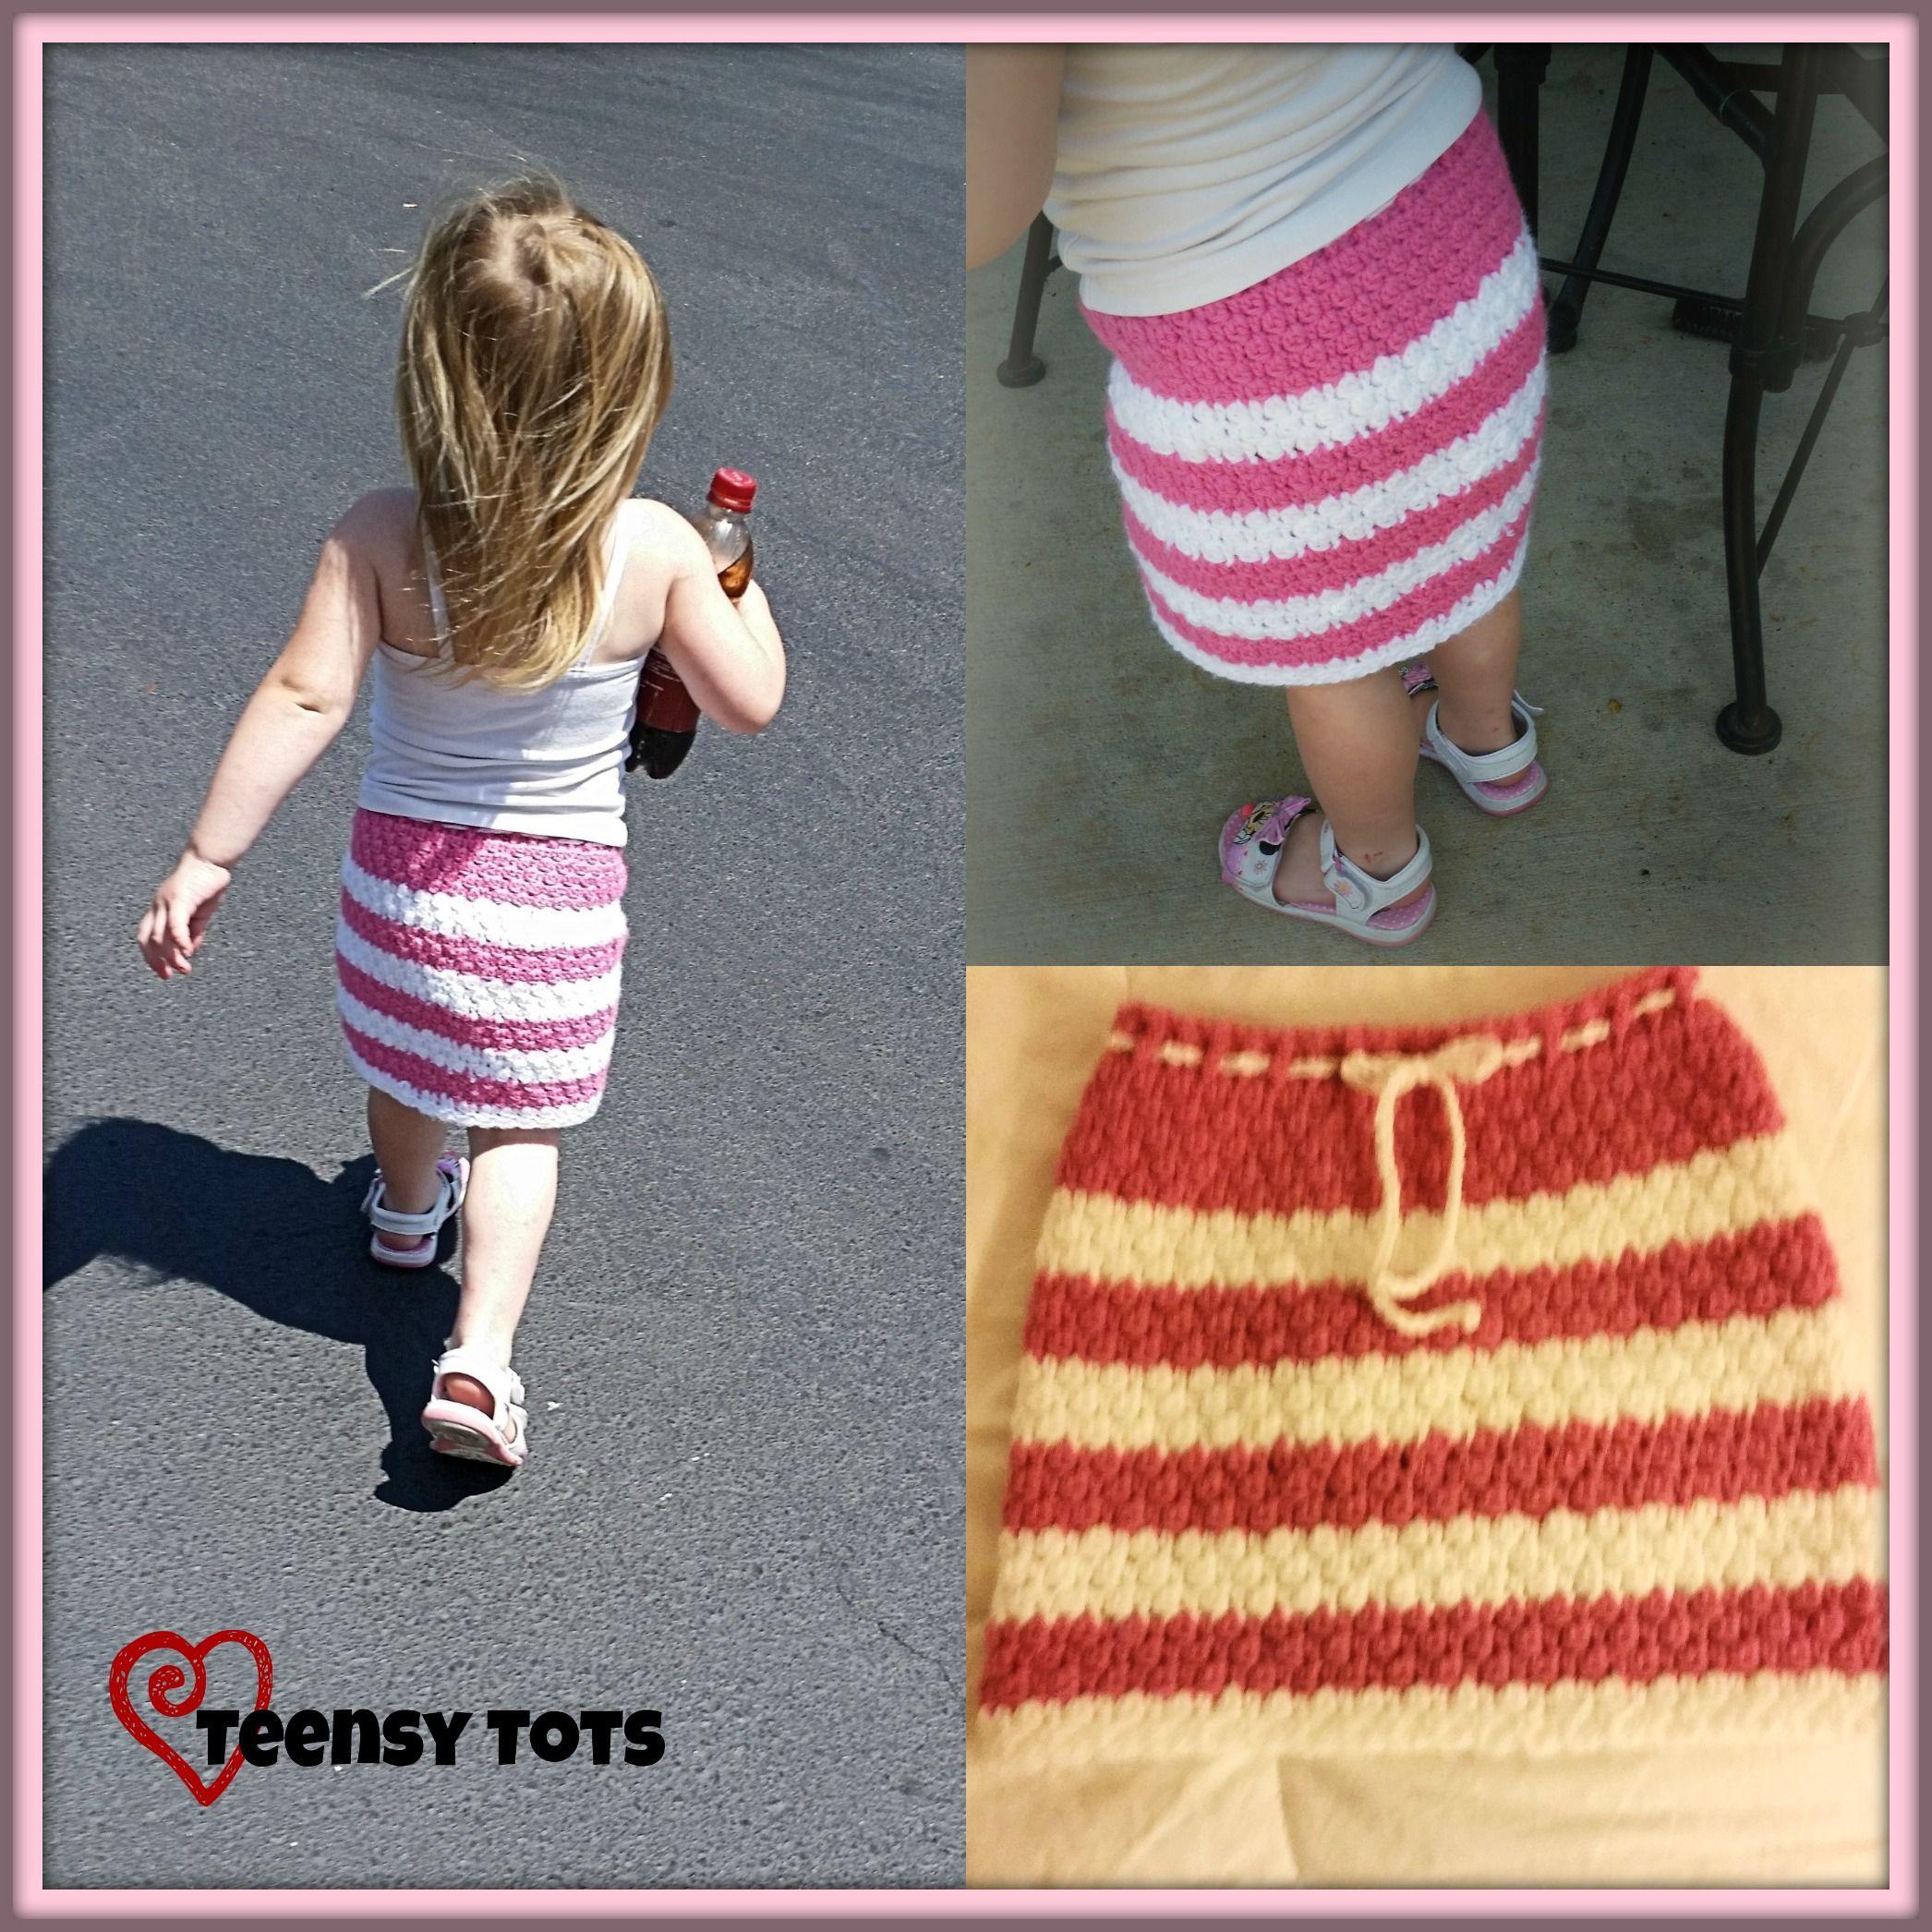 Free crochet pattern cluster skirt including newborn 4t with free crochet pattern cluster skirt including newborn 4t with instructions to make the skirt dt1010fo